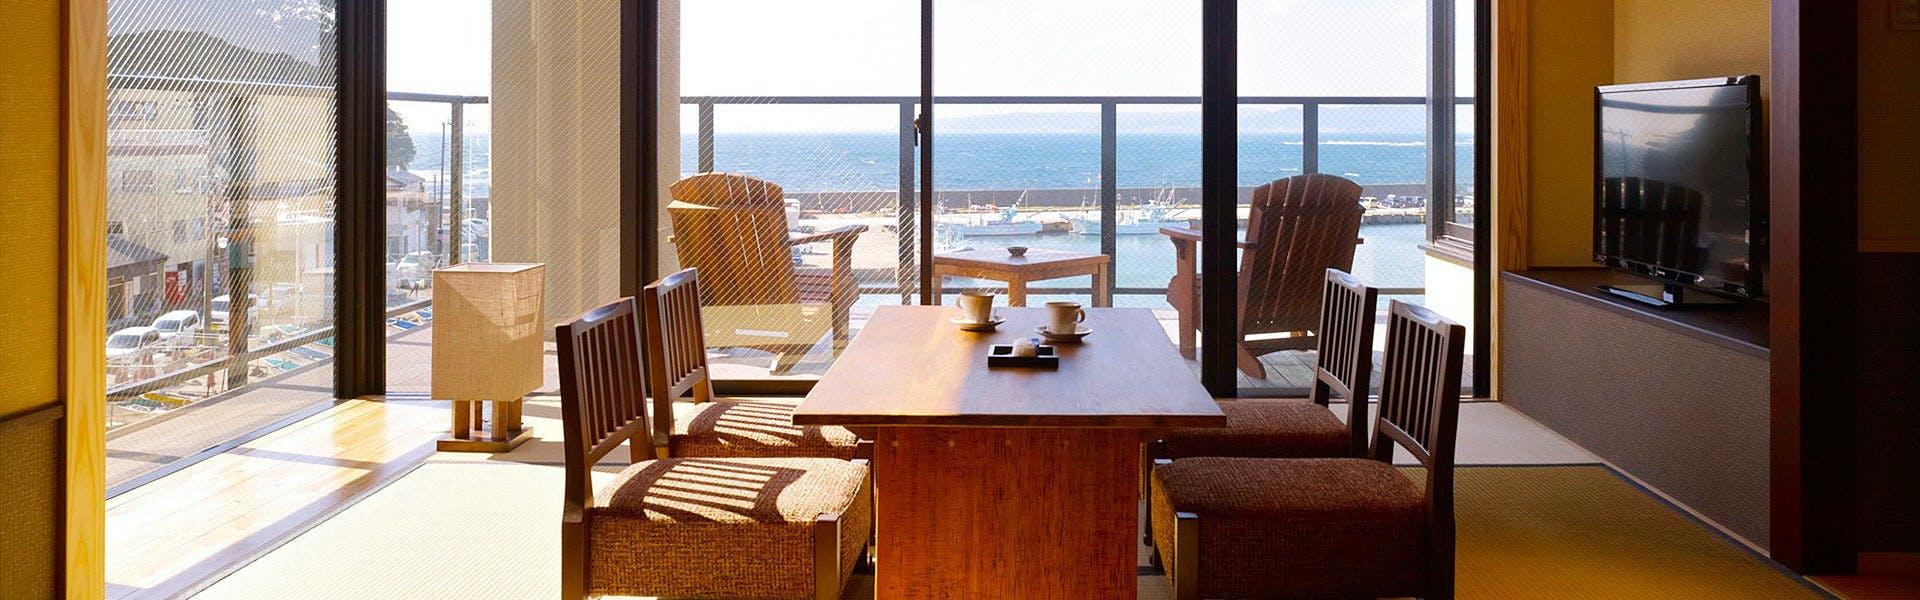 記念日におすすめのホテル・魚彩和みの宿 三水の写真2